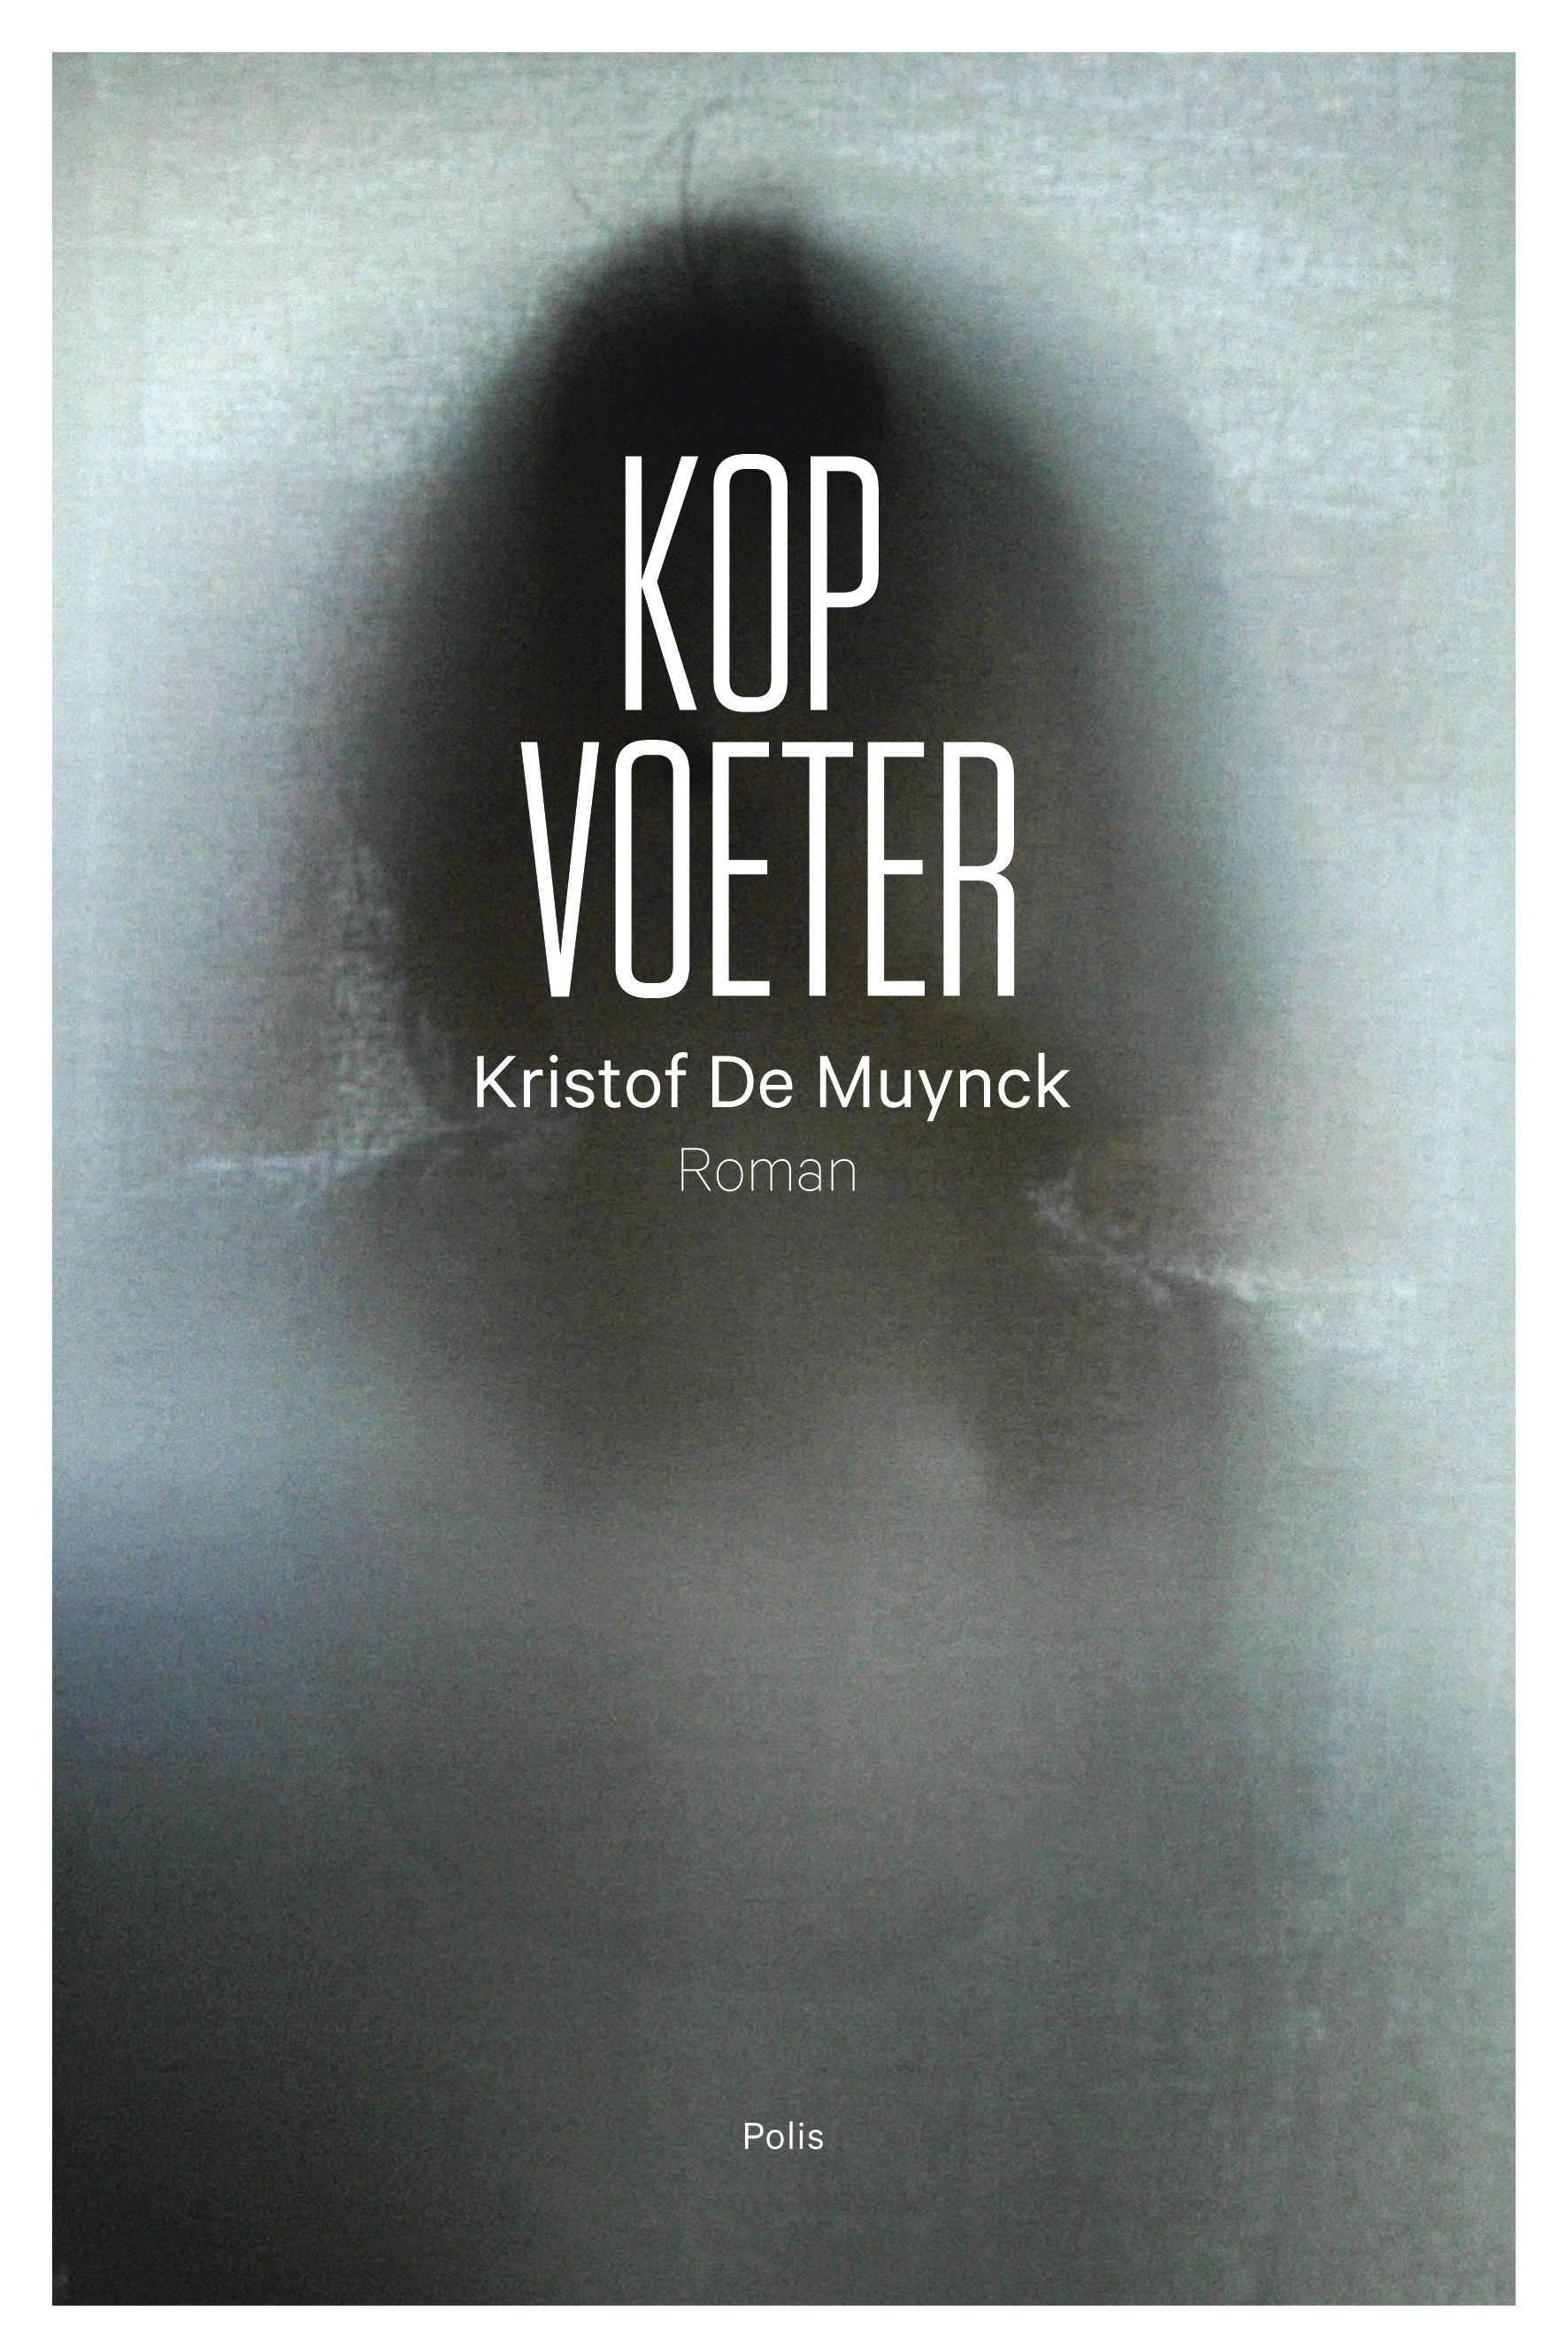 Kopvoeter – Kristof De Muynck